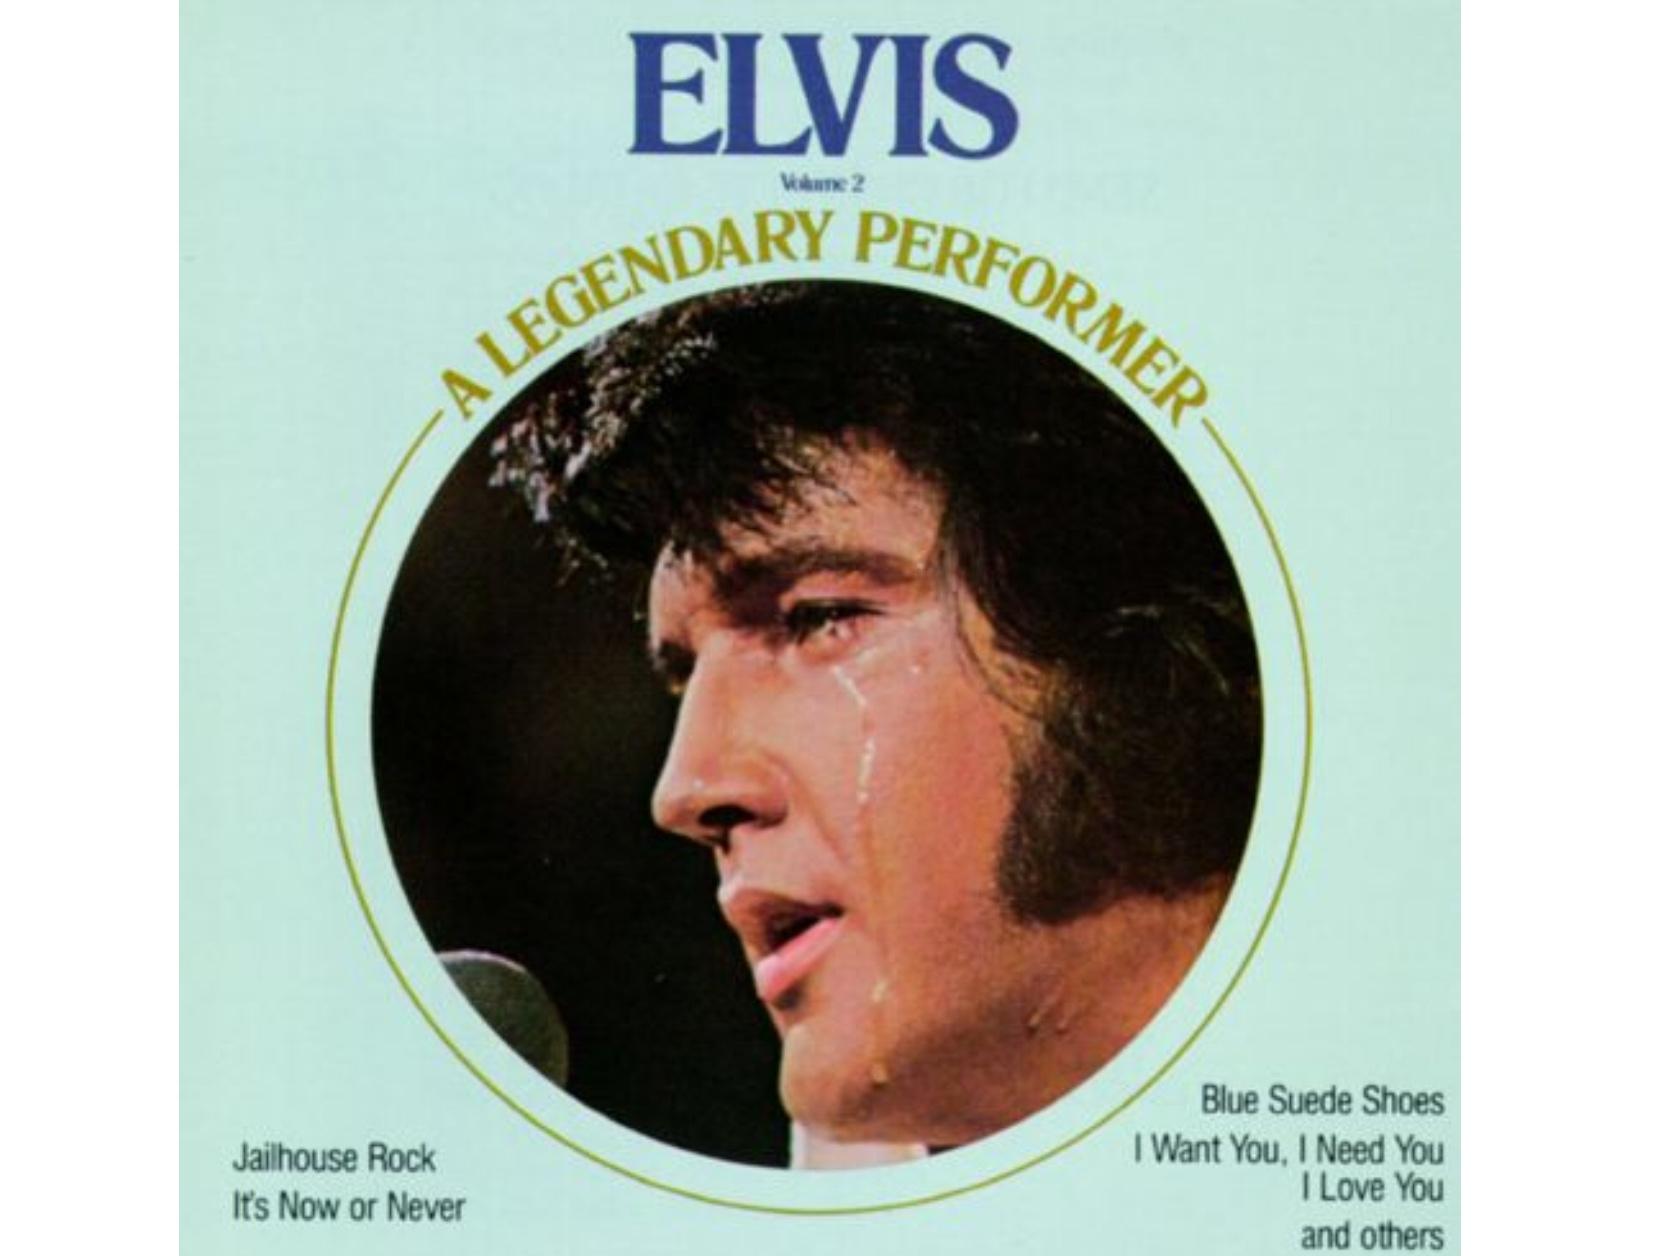 Den andra januari 1974 gav RCA ut samlingen A Legendary Performer vol 1 41d67d8cdf09b